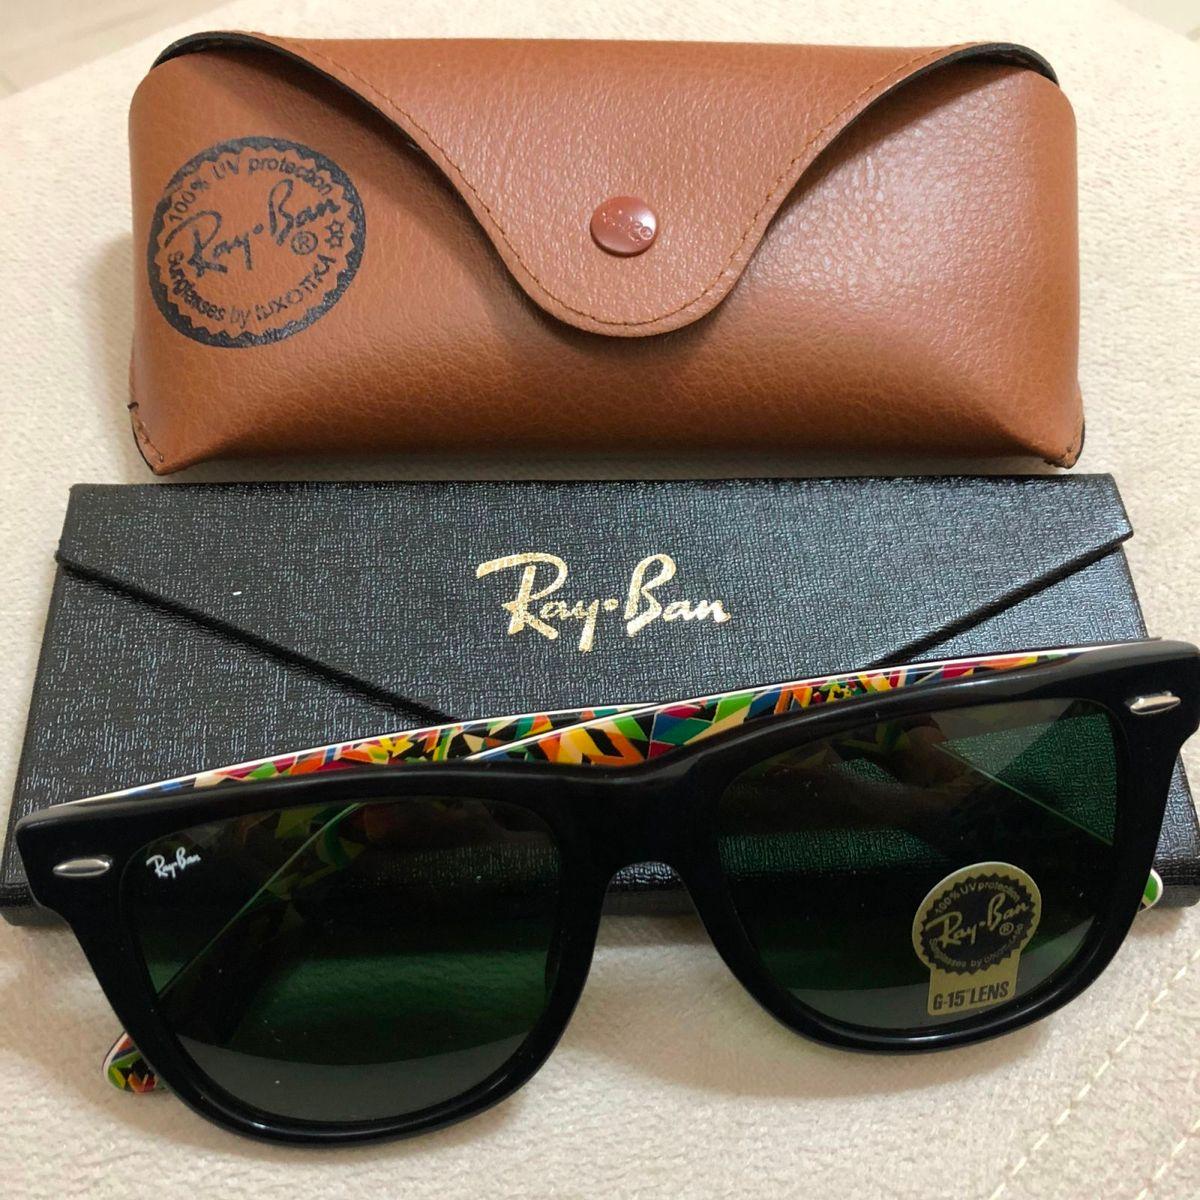 96b22e3a3119b Oculos de Sol Ray Ban Wayfarer Rb2140 Numeração C3 Feminino Preto Lente  Verde Cristal Colorido